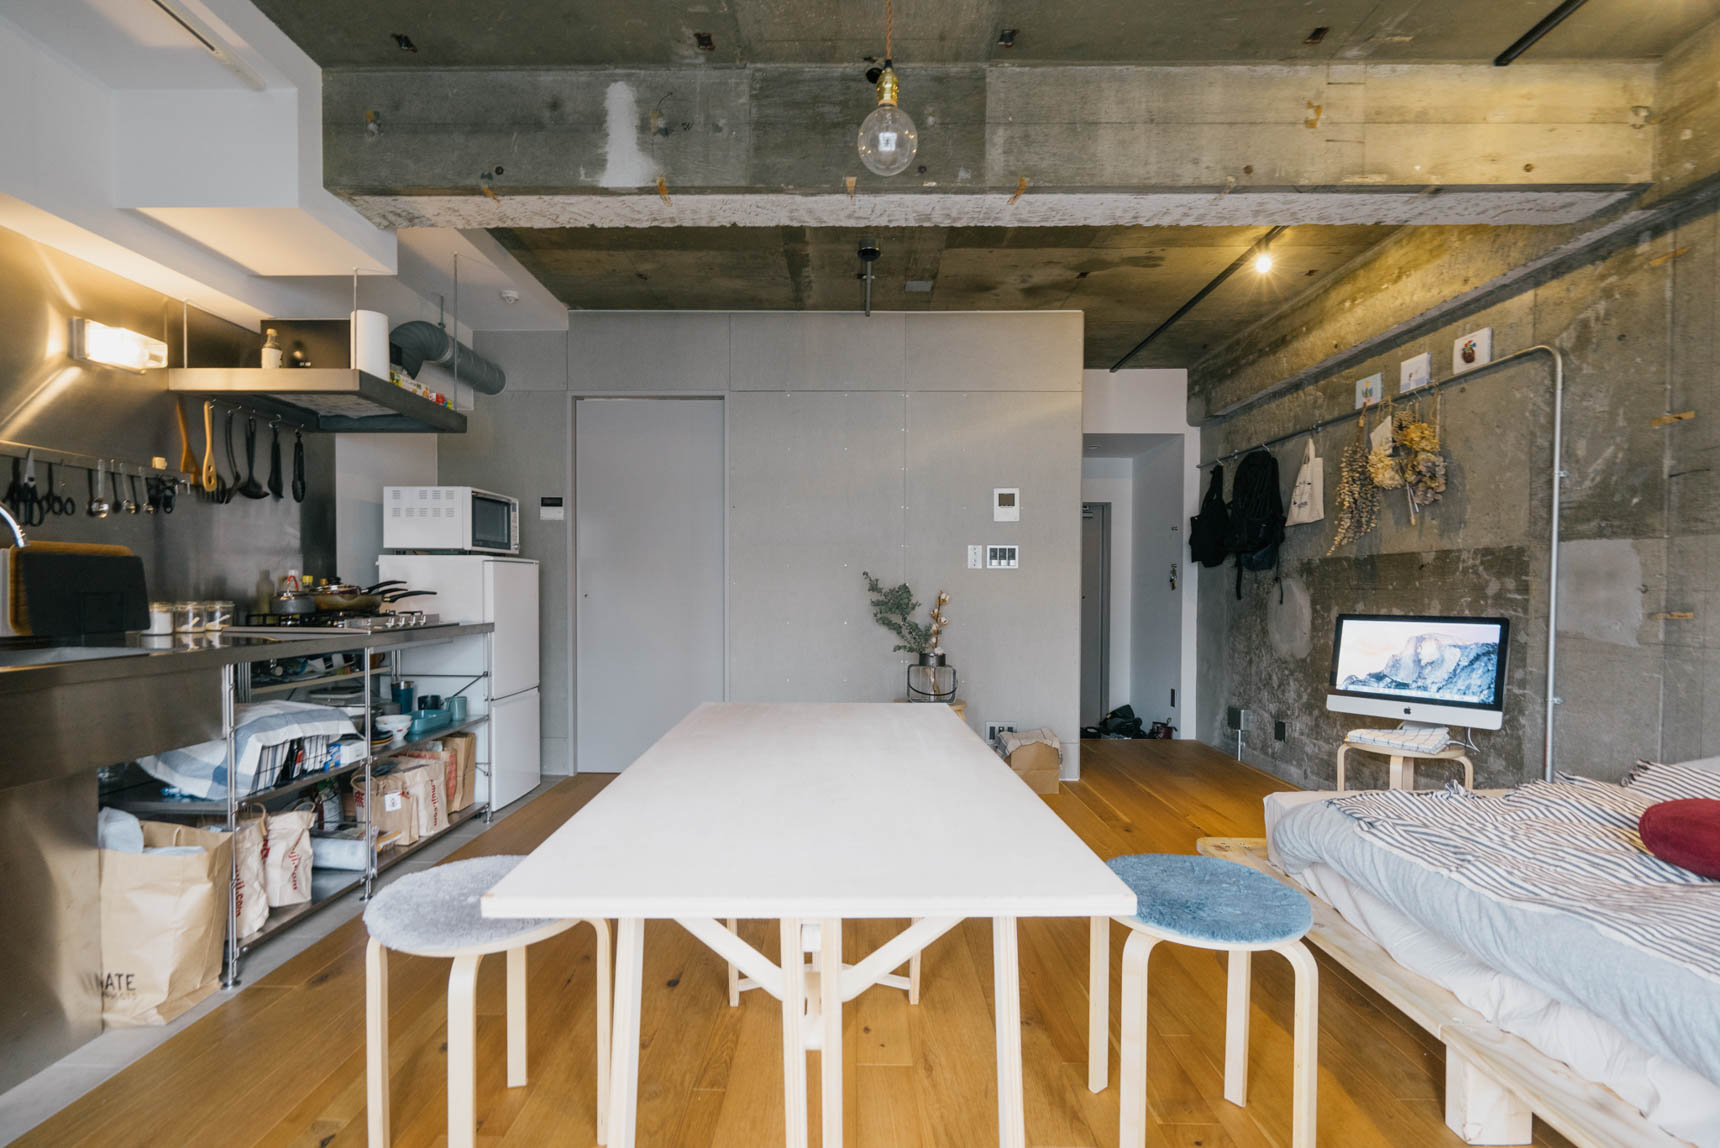 大きな家具は、ベッドと組み立て式のテーブルのみ。